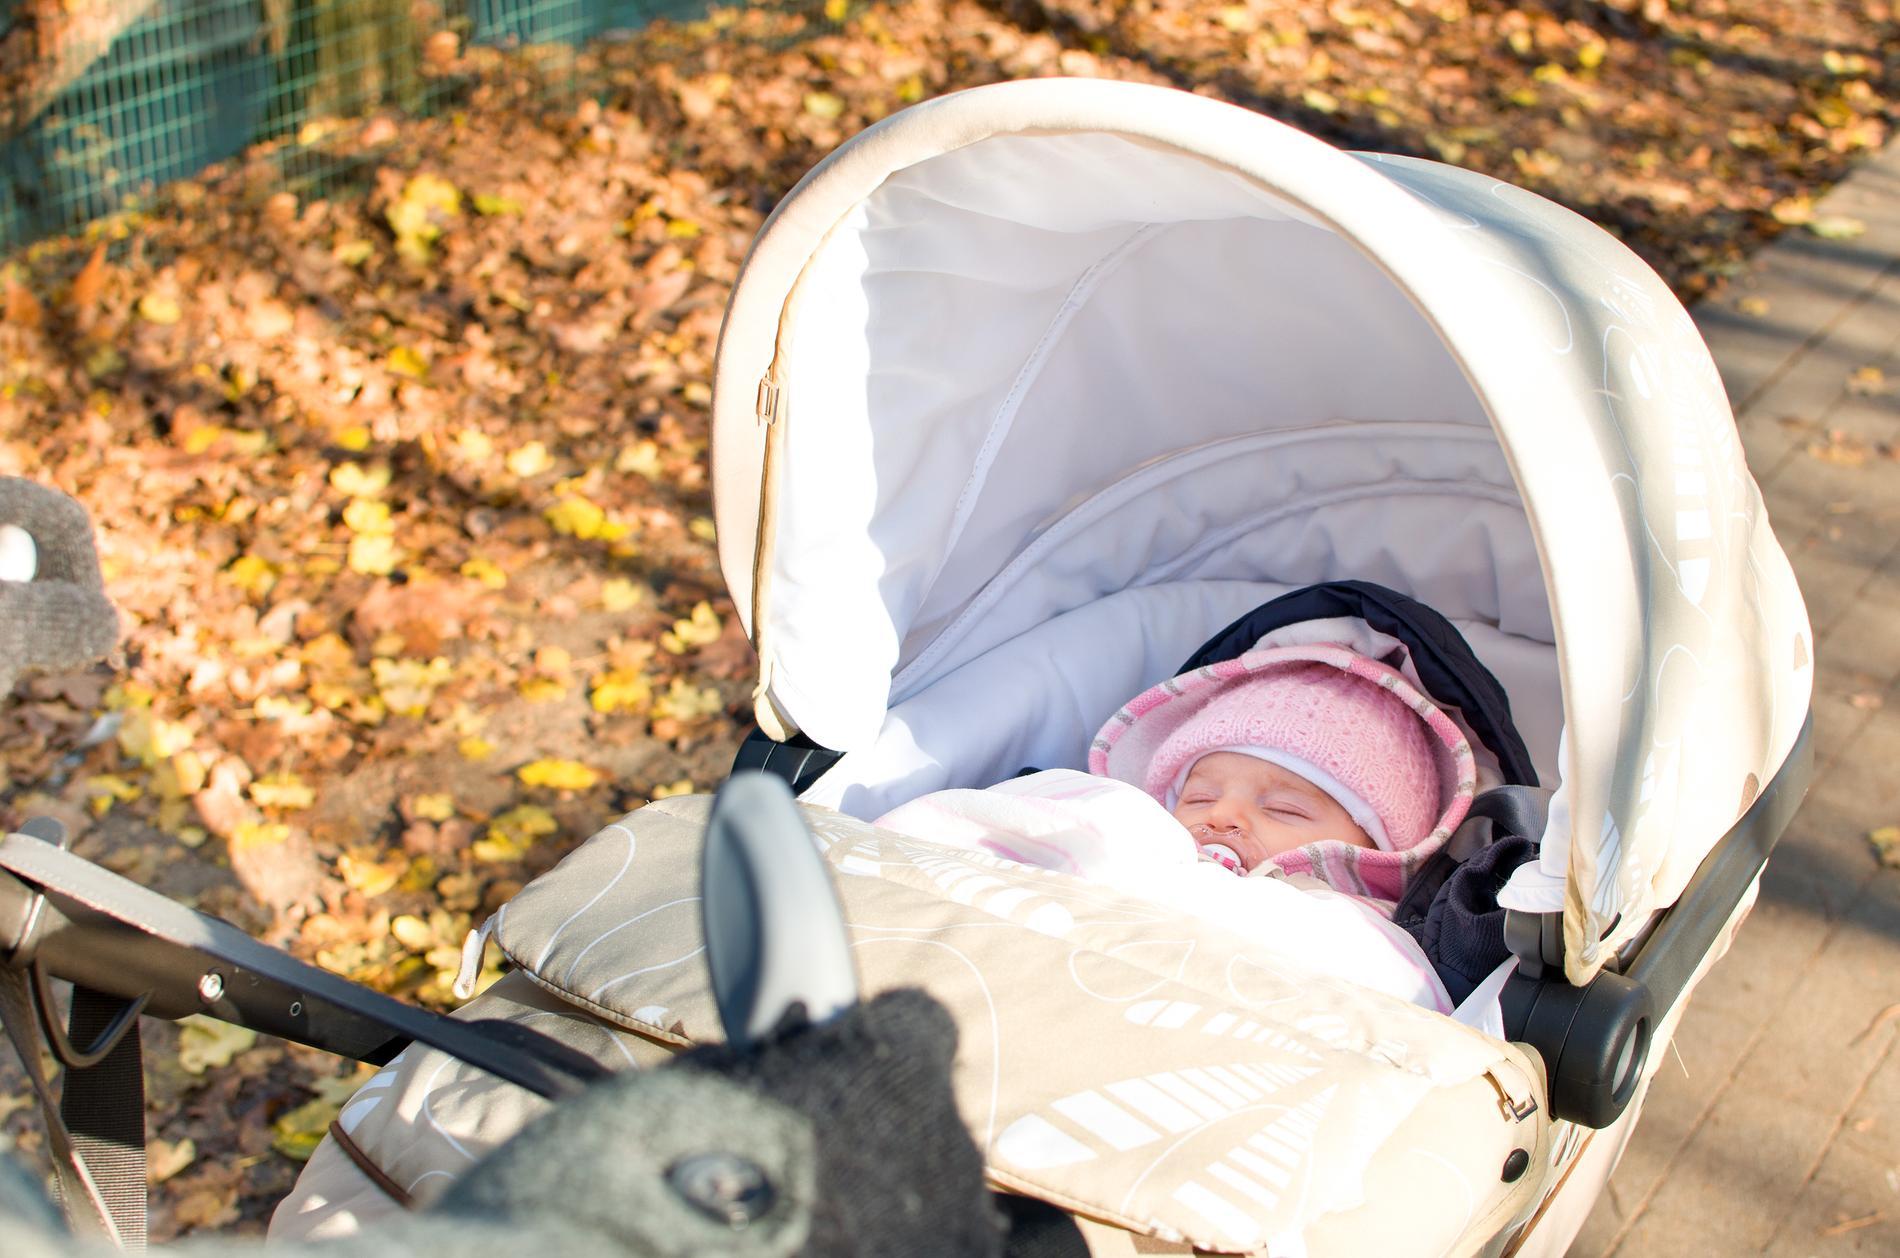 Viktigt är att det inte blir för varmt i vagnen för din lilla bebis.